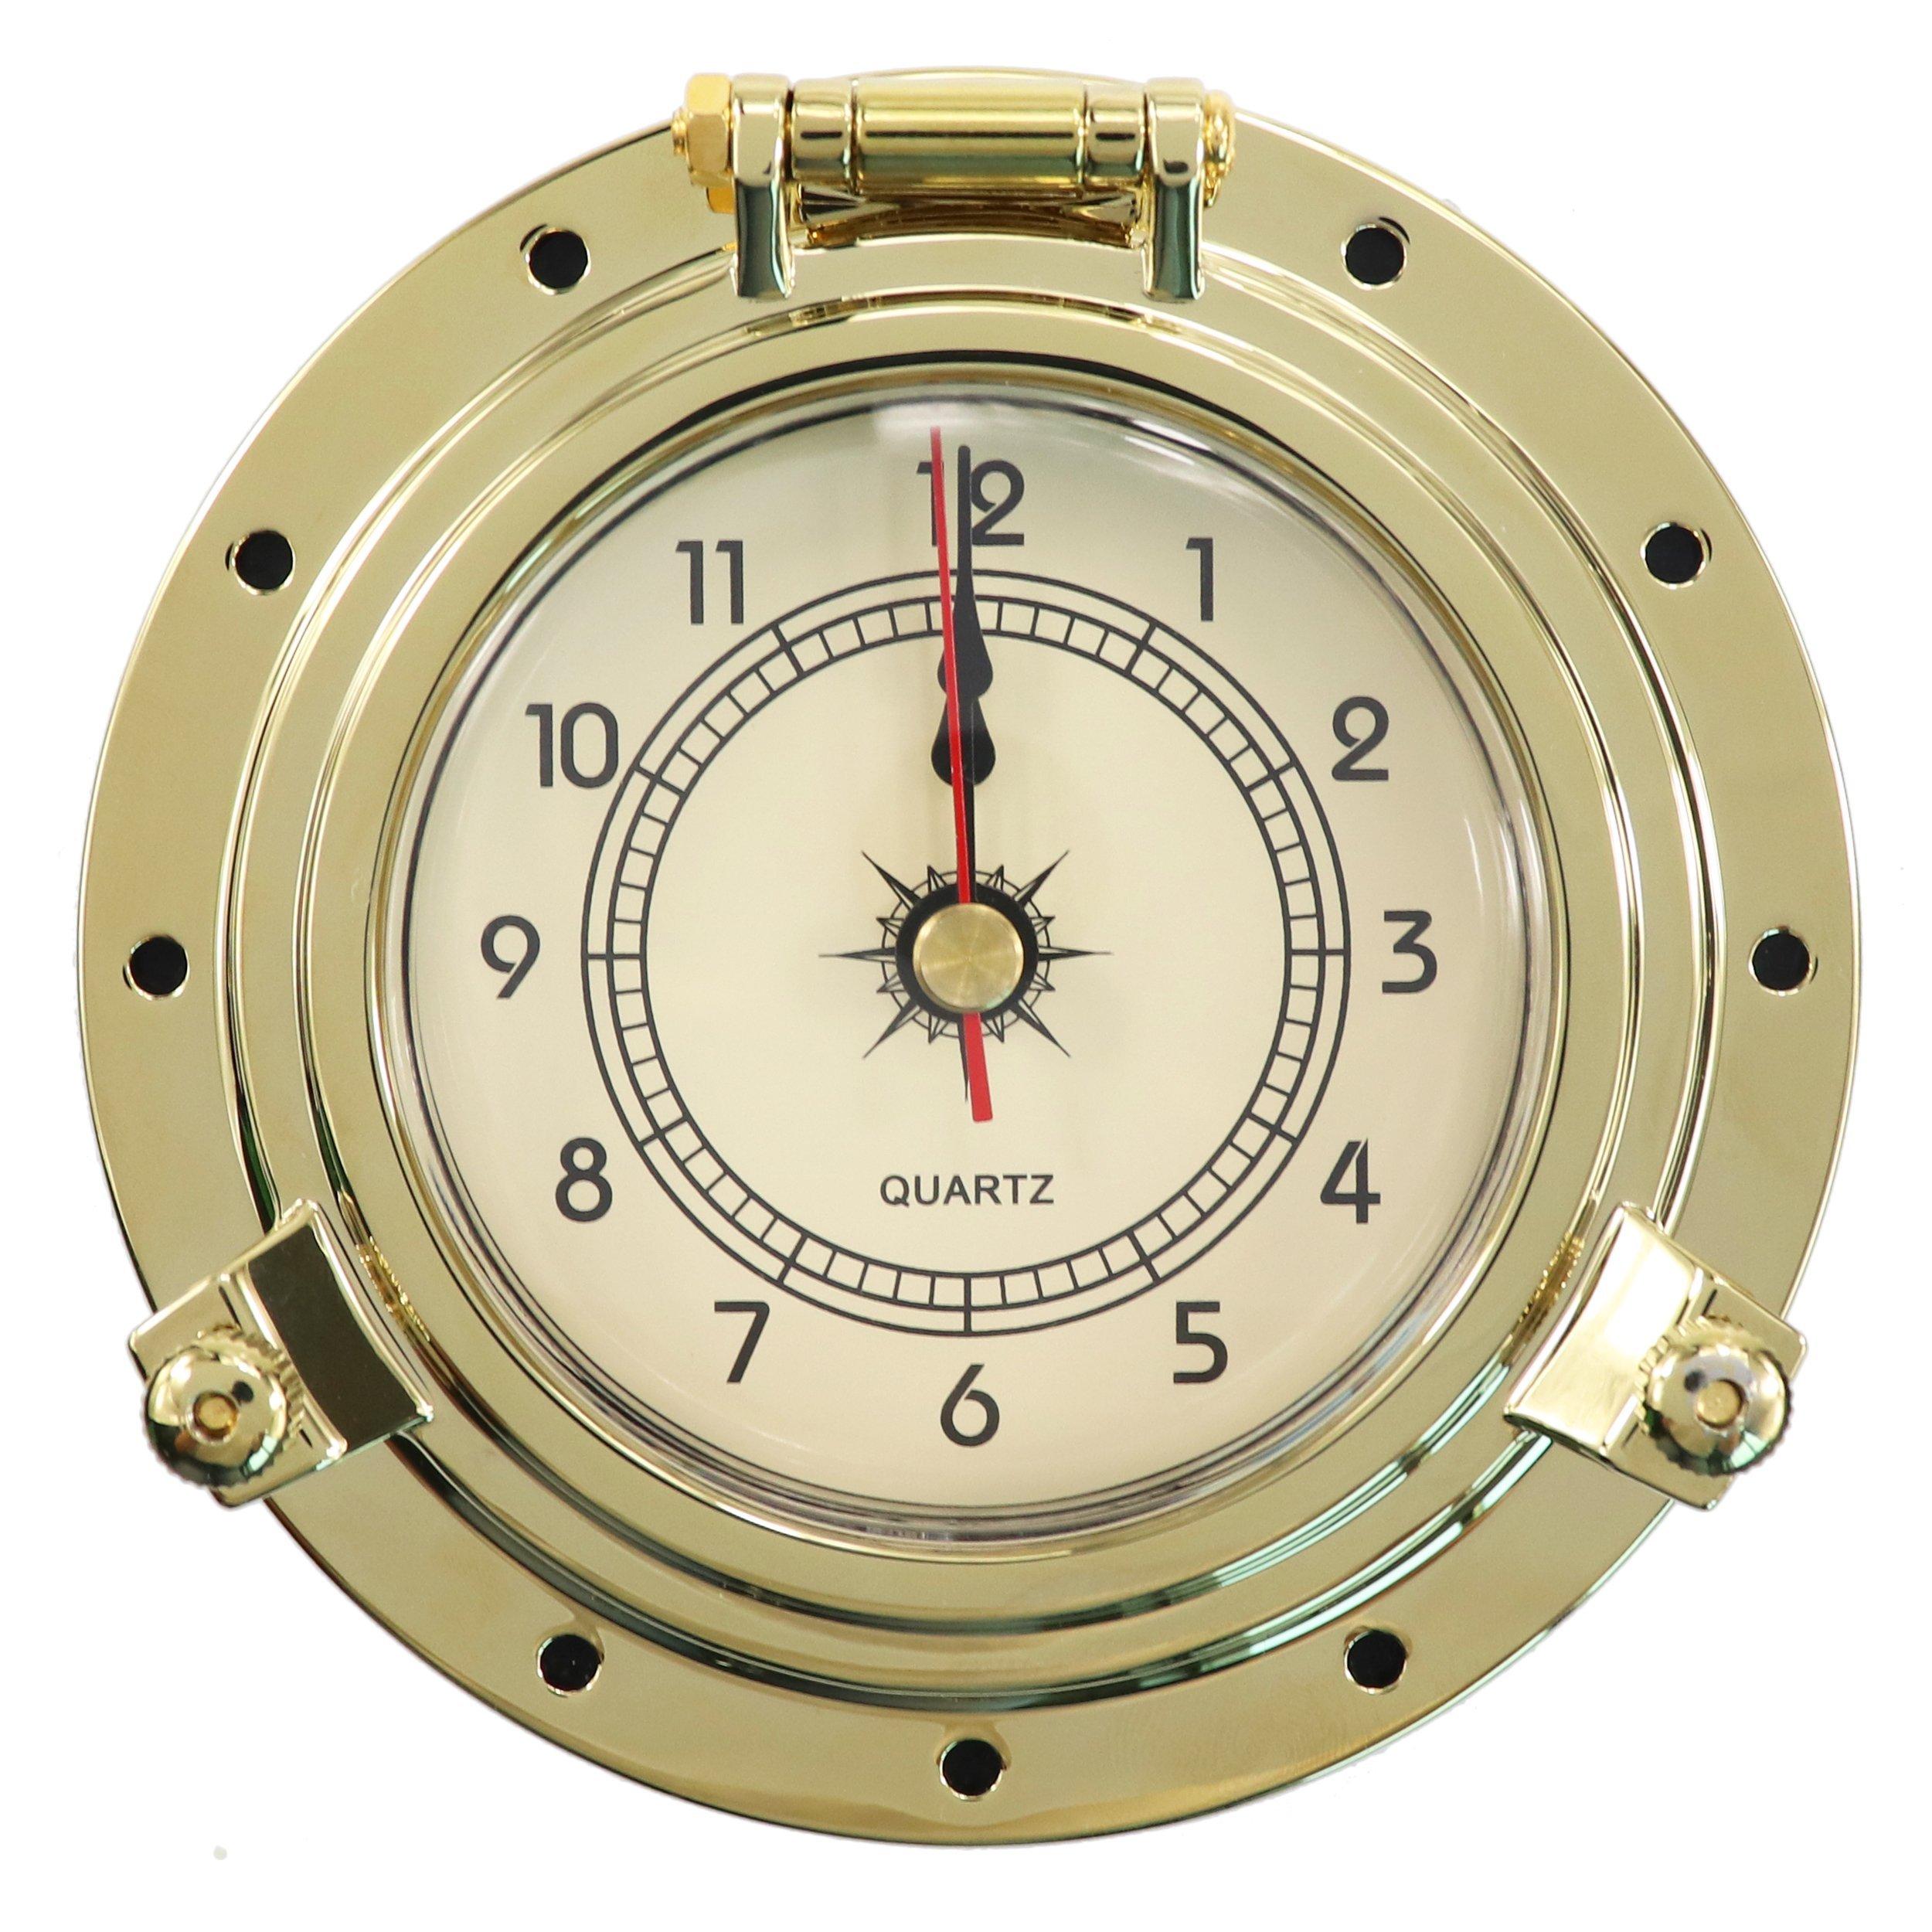 iztor Endurance Collection Quartz Brass Clock-Brass